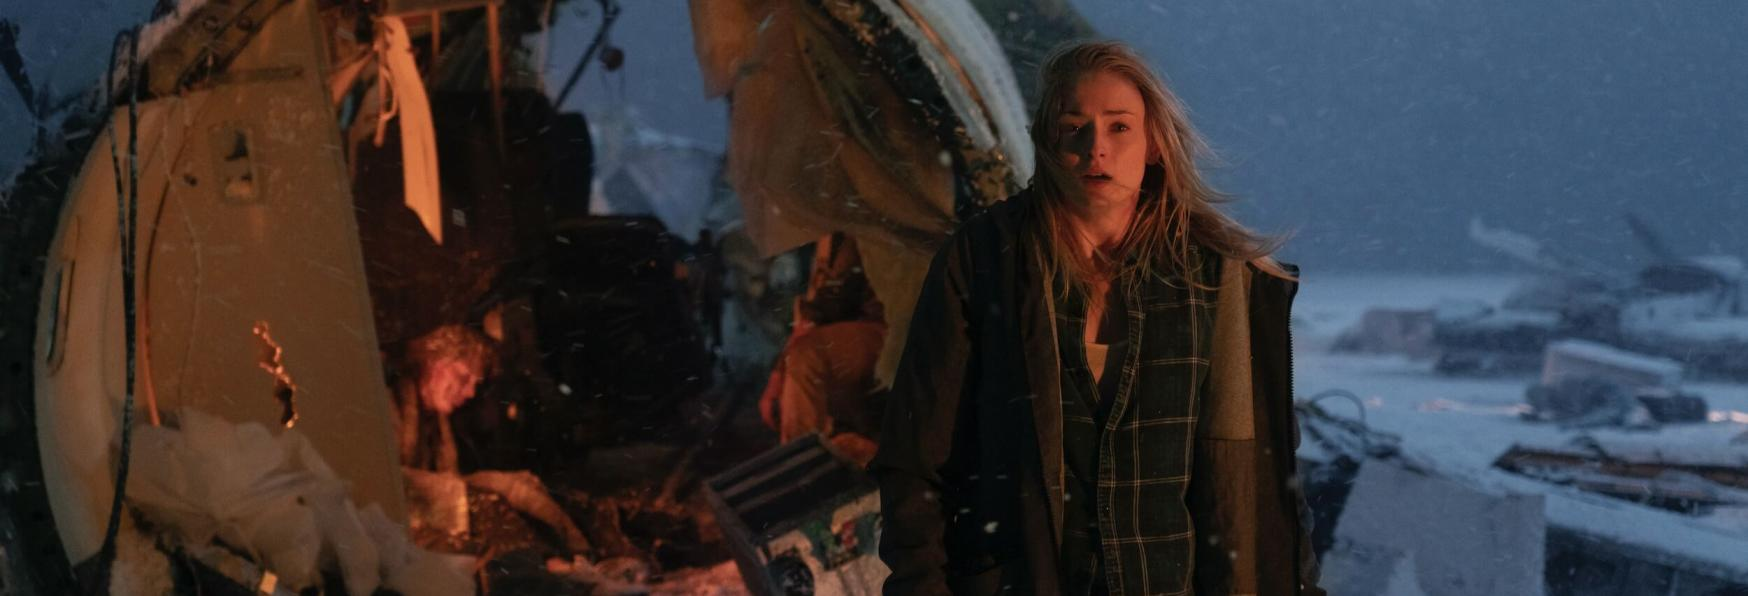 Survive: Recensione dei primi 4 Episodi della nuova Serie TV con Sophie Turner